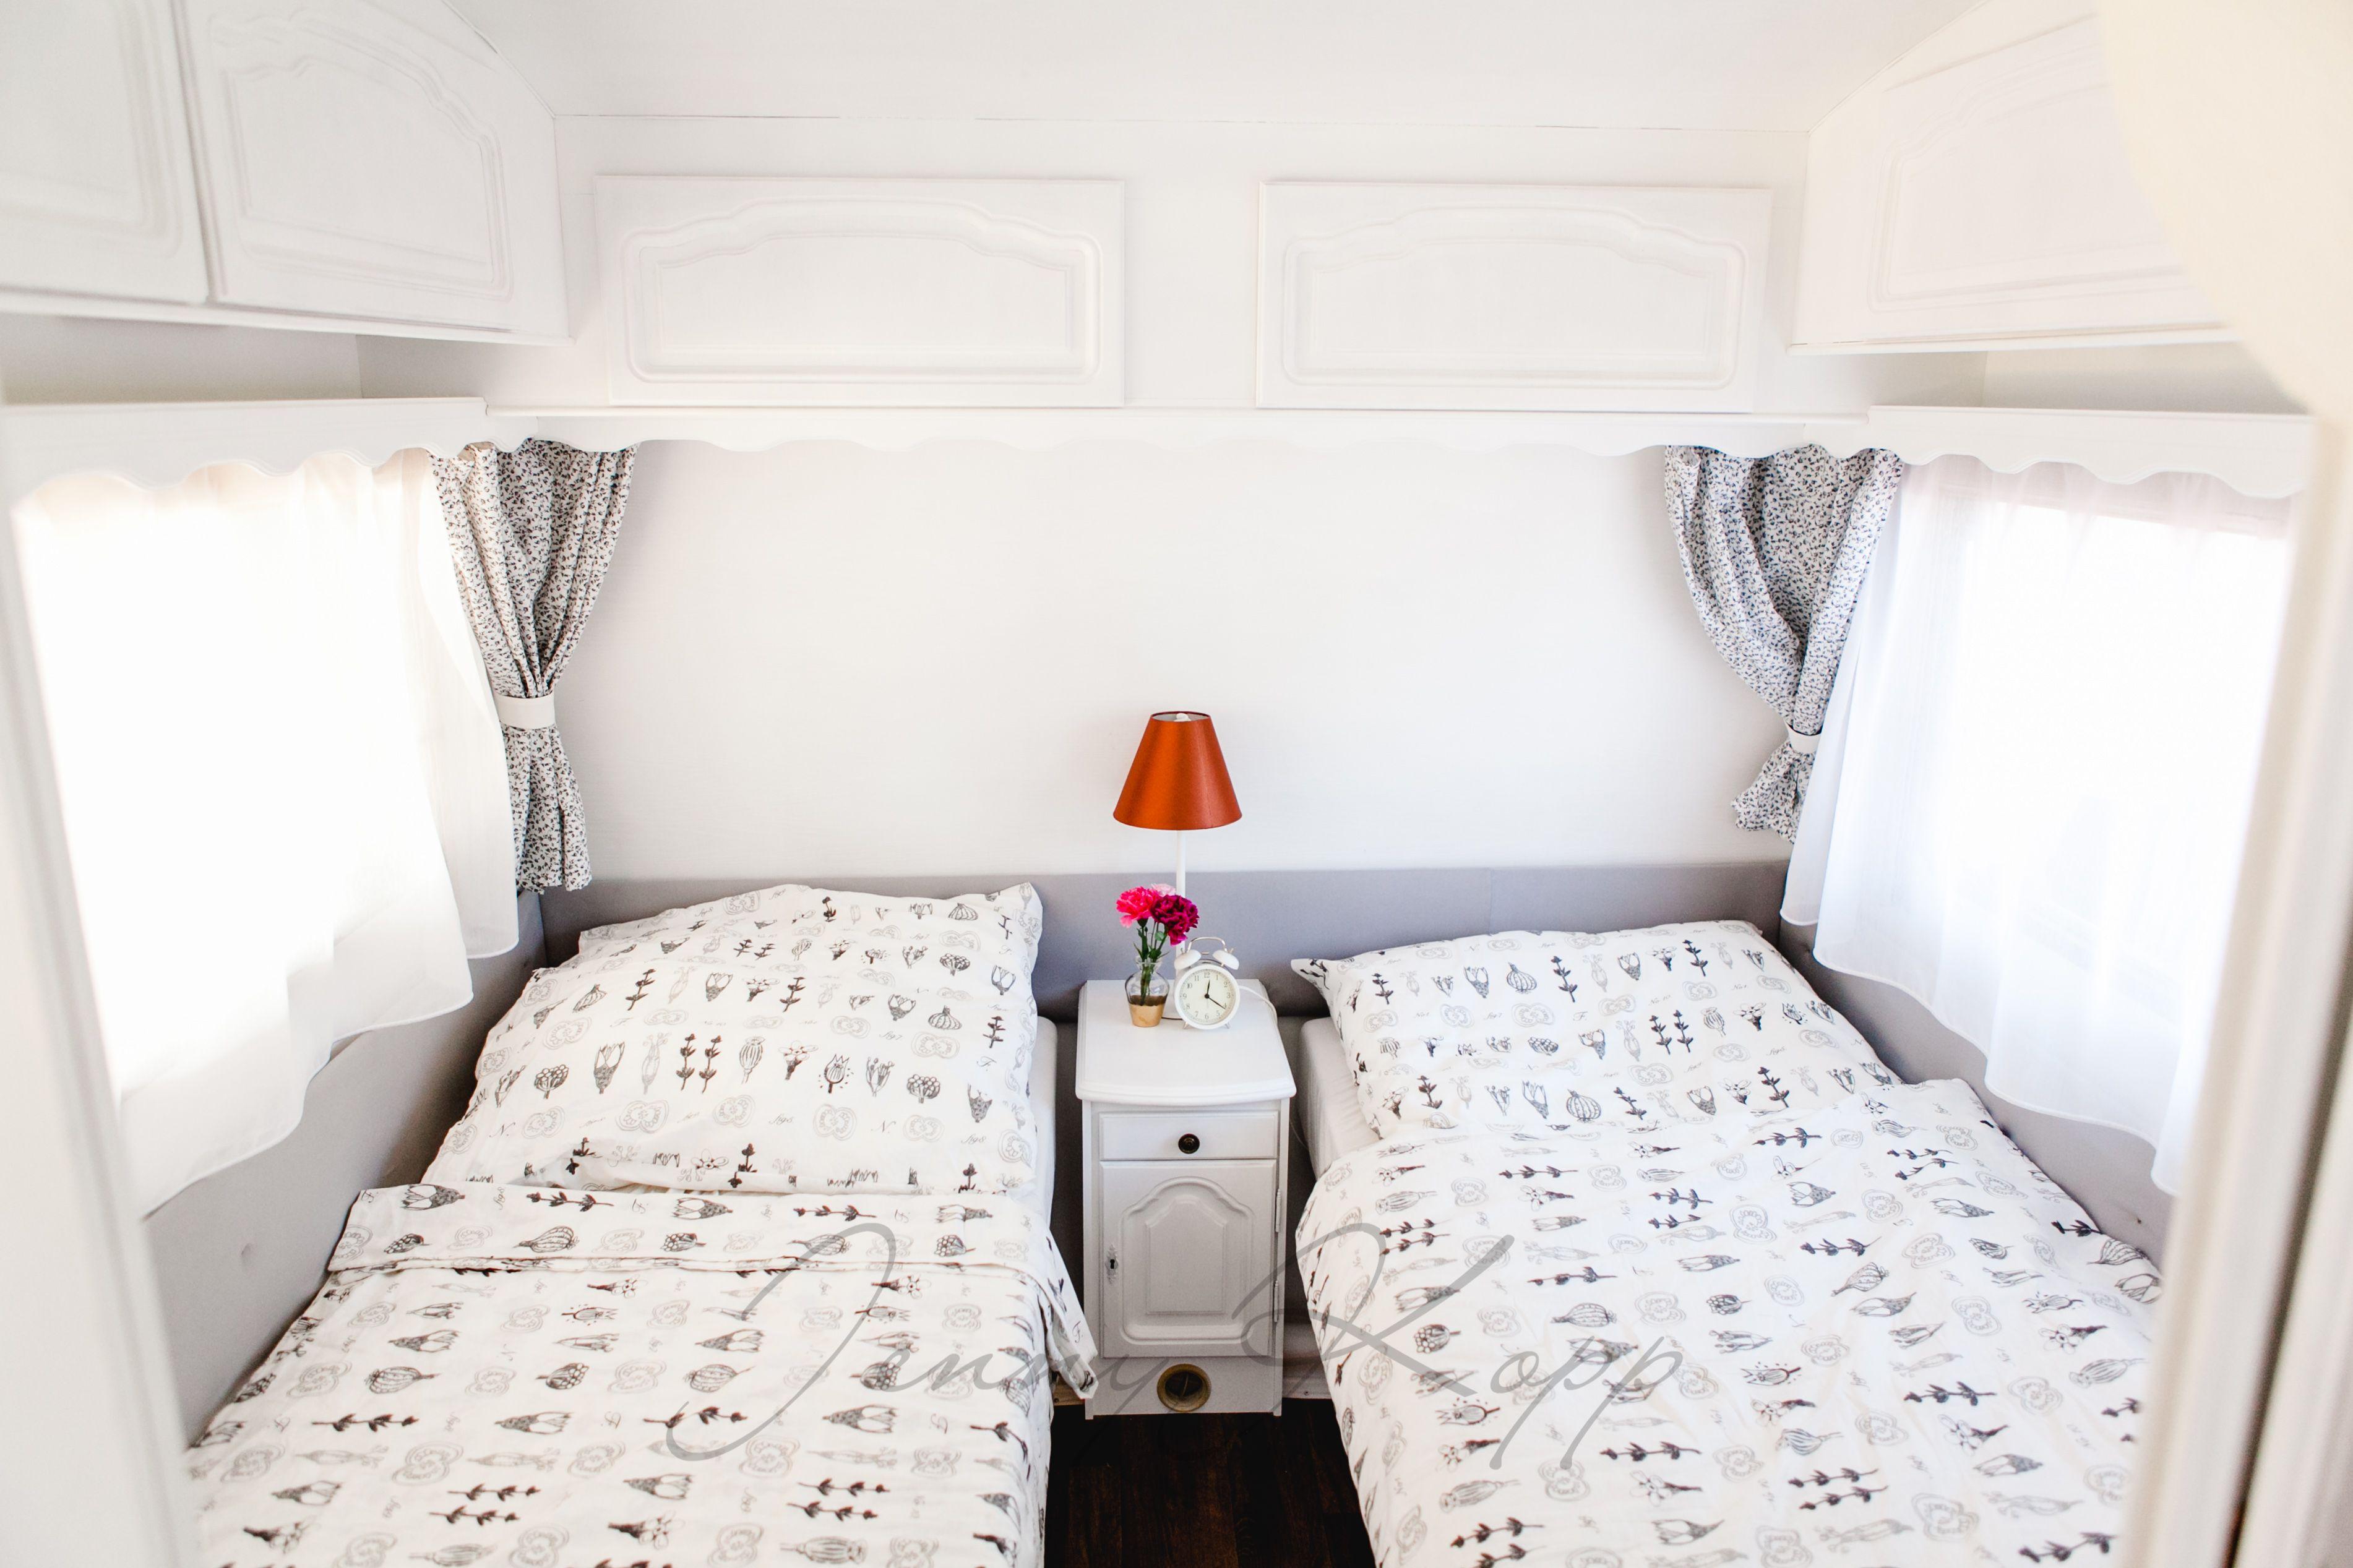 Schlafzimmer In Unserem Renovierten Wohnwagen Alles In Schwarz Weiß + Gold  /bronze.